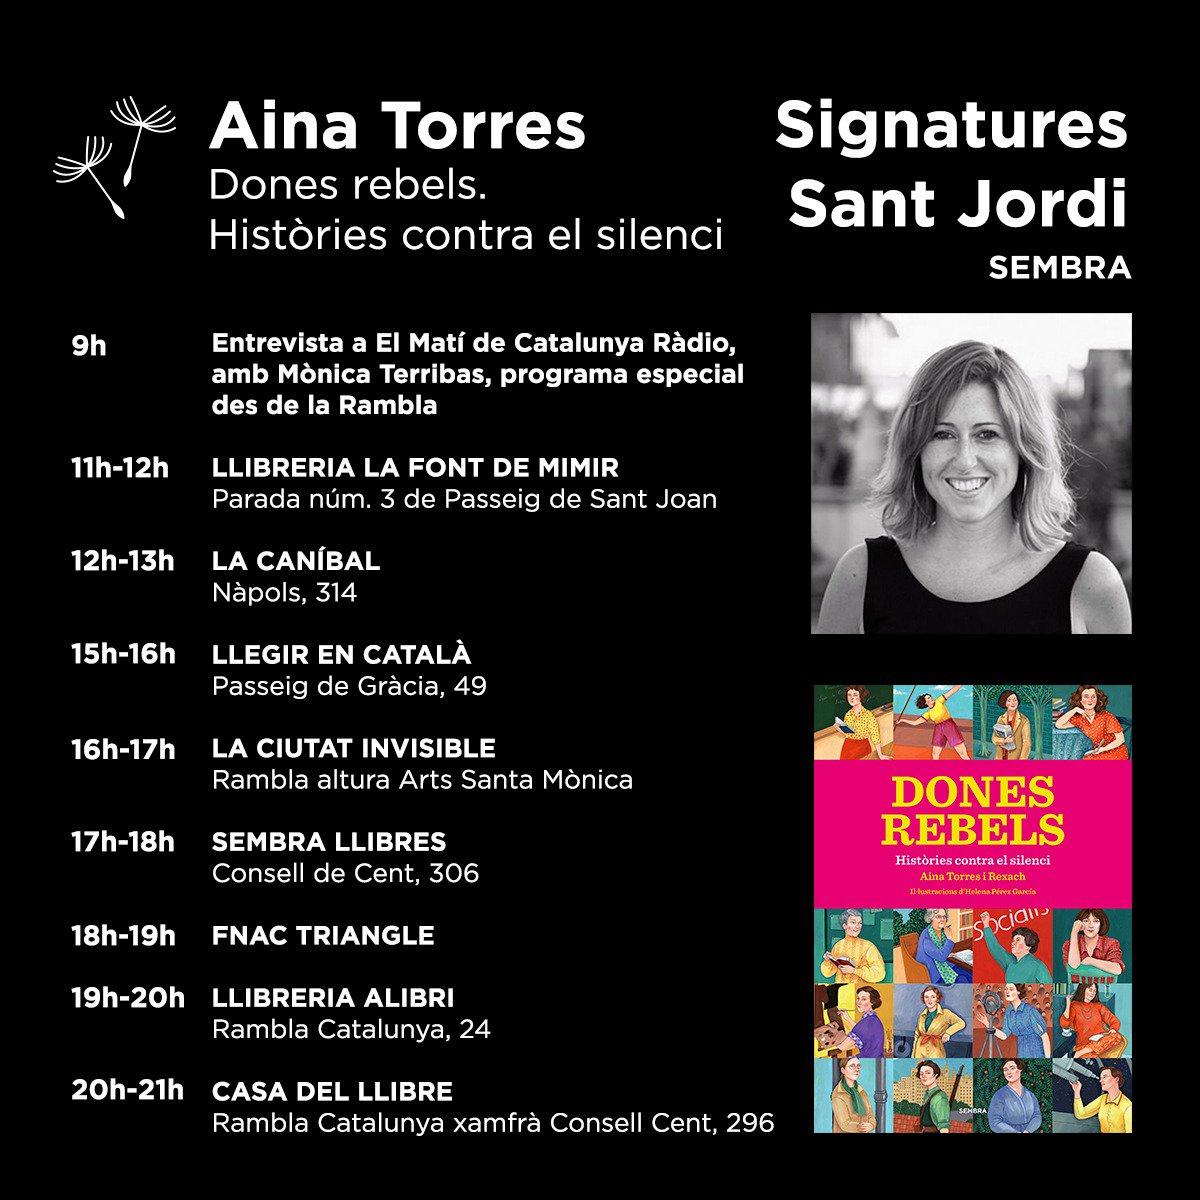 Aquests són els llocs on signaré aquest #SantJordi! 📕🌹  A part de #DonesRebels també signaré #BauladeLaNit i #ManuAldePedrolo.  Ens hi veiem! 💜  #SantJordi2019